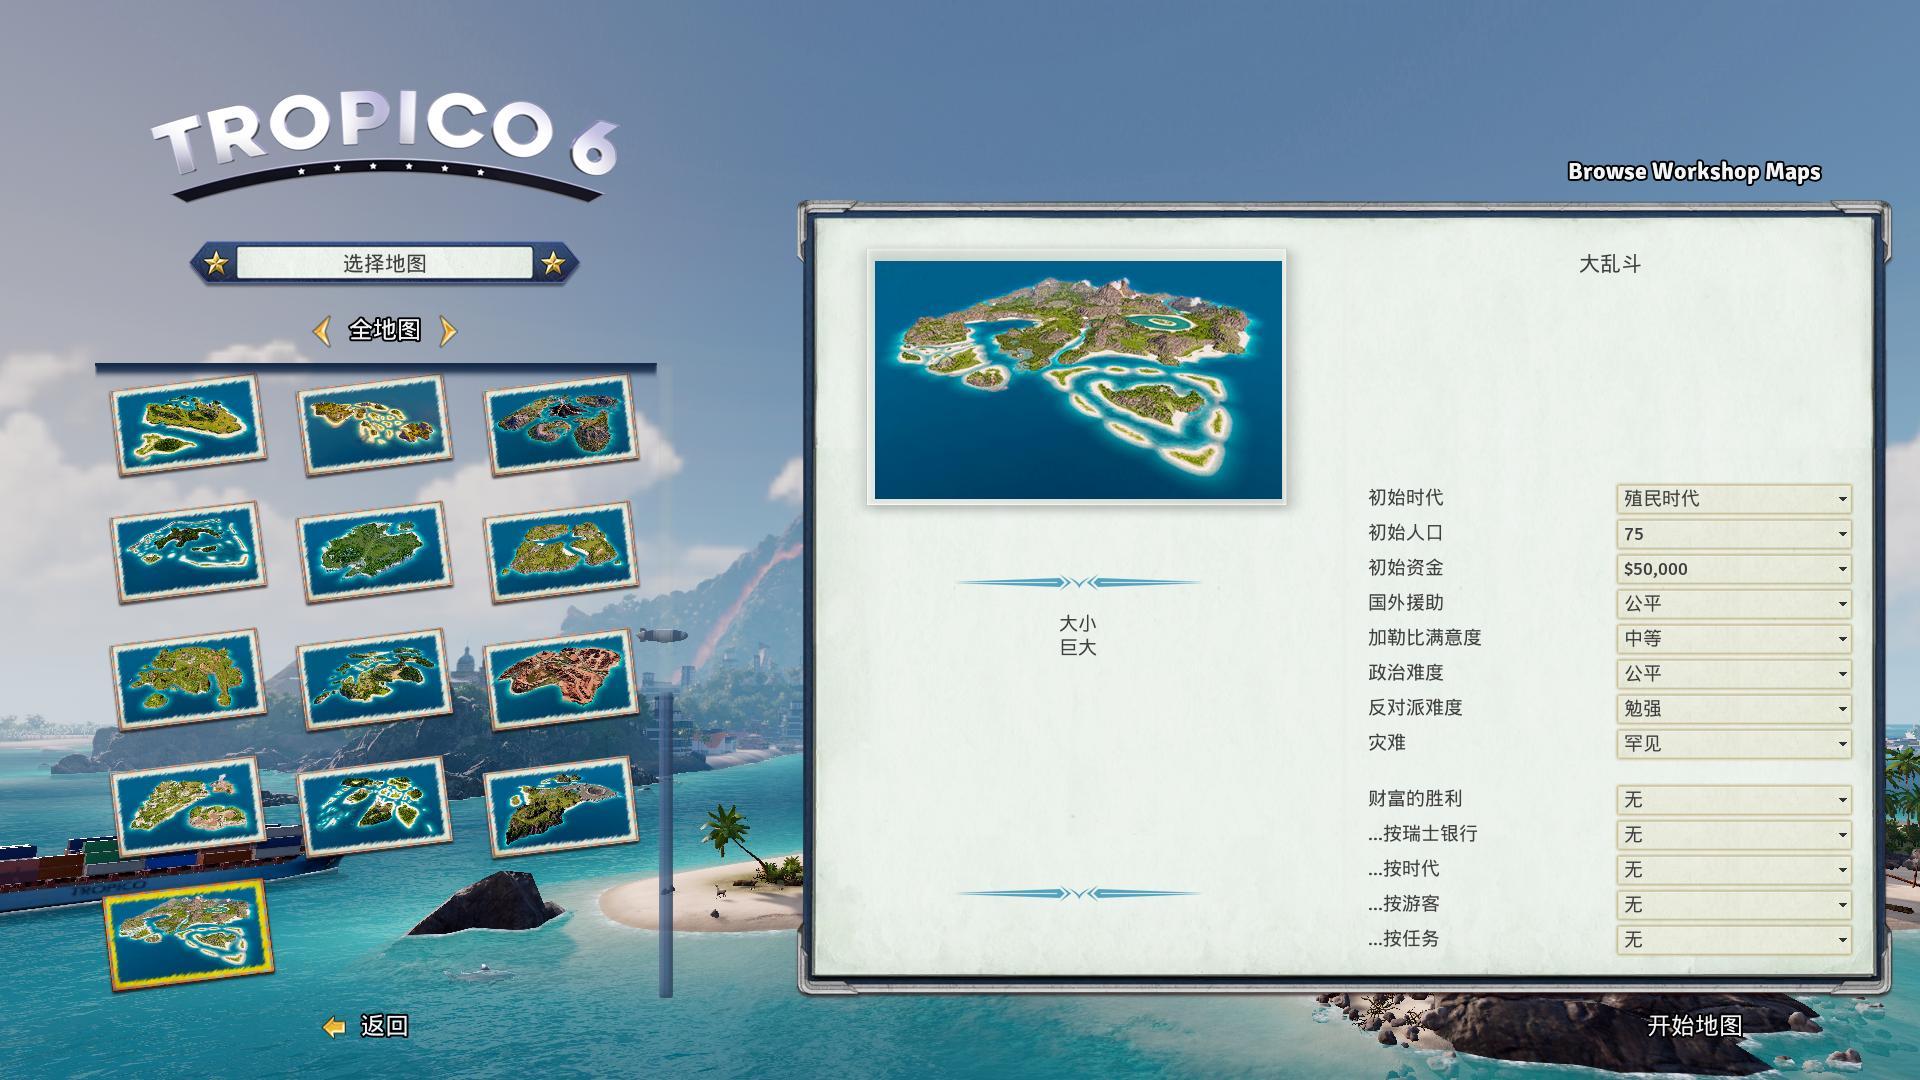 Tropico6-Win64-Shipping 2019-03-30 10-26-02-62.jpg